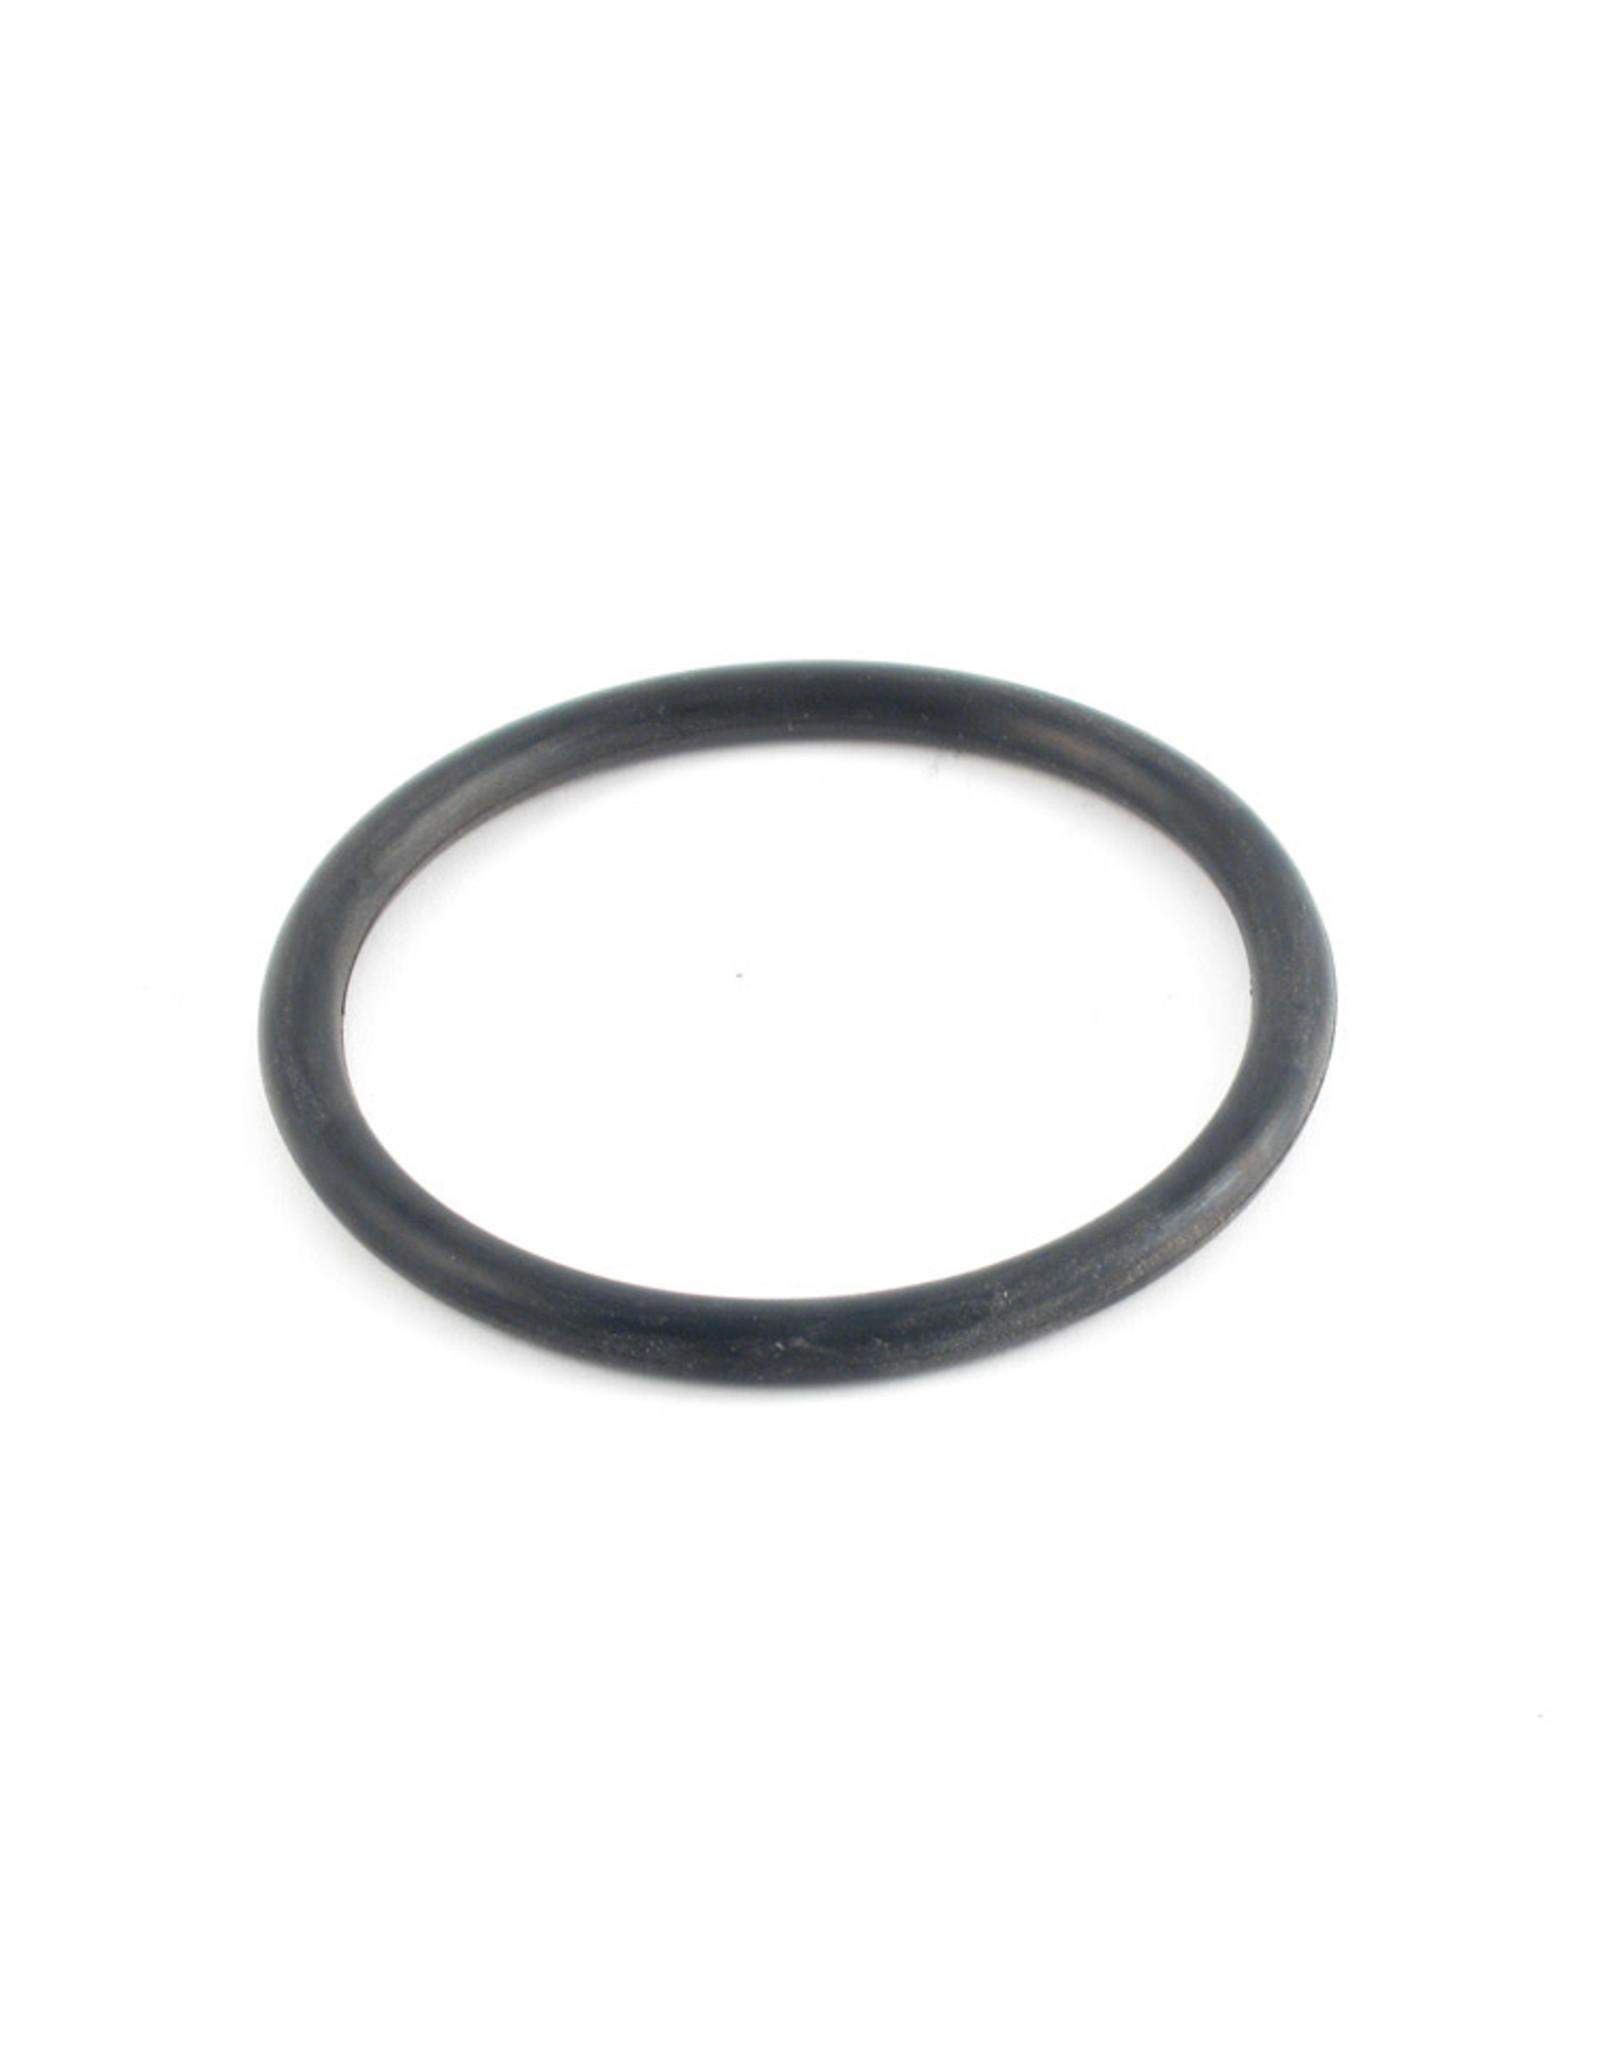 Hobie Hobie Black Rubber Gasket - X-32